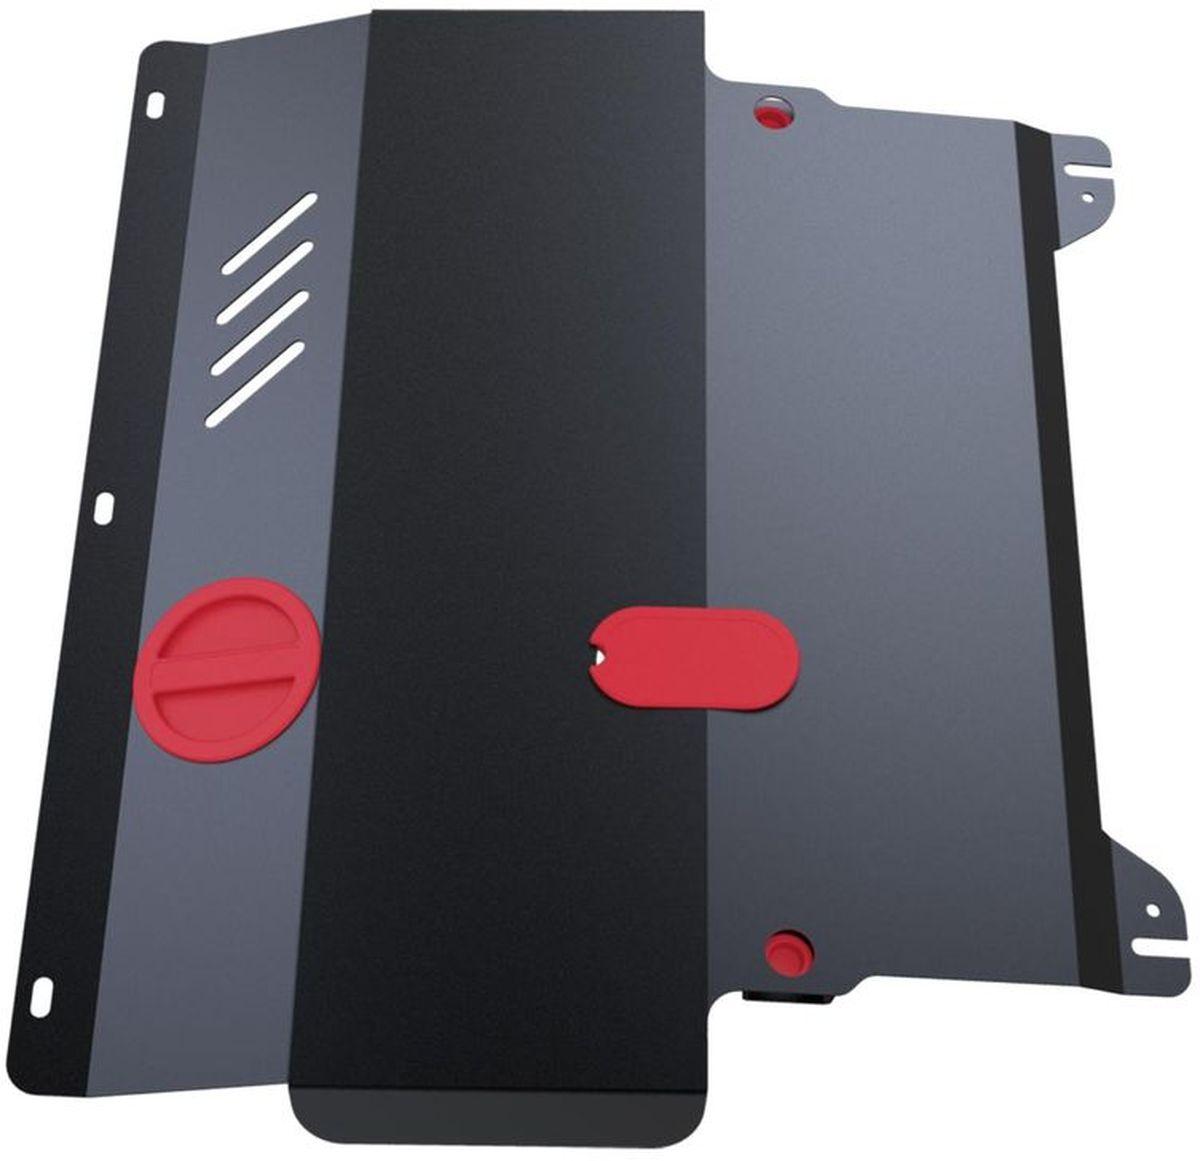 Защита картера и КПП Автоброня, для Mitsubishi Outlander XL V - 3,0 (2007-2012)111.04013.1Технологически совершенный продукт за невысокую стоимость. Защита разработана с учетом особенностей днища автомобиля, что позволяет сохранить дорожный просвет с минимальным изменением. Защита устанавливается в штатные места кузова автомобиля. Глубокий штамп обеспечивает до двух раз больше жесткости в сравнении с обычной защитой той же толщины. Проштампованные ребра жесткости препятствуют деформации защиты при ударах. Тепловой зазор и вентиляционные отверстия обеспечивают сохранение температурного режима двигателя в норме. Скрытый крепеж предотвращает срыв крепежных элементов при наезде на препятствие. Шумопоглощающие резиновые элементы обеспечивают комфортную езду без вибраций и скрежета металла, а съемные лючки для слива масла и замены фильтра - экономию средств и время. Конструкция изделия не влияет на пассивную безопасность автомобиля (при ударе защита не воздействует на деформационные зоны кузова). Со штатным крепежом. В комплекте инструкция по установке....